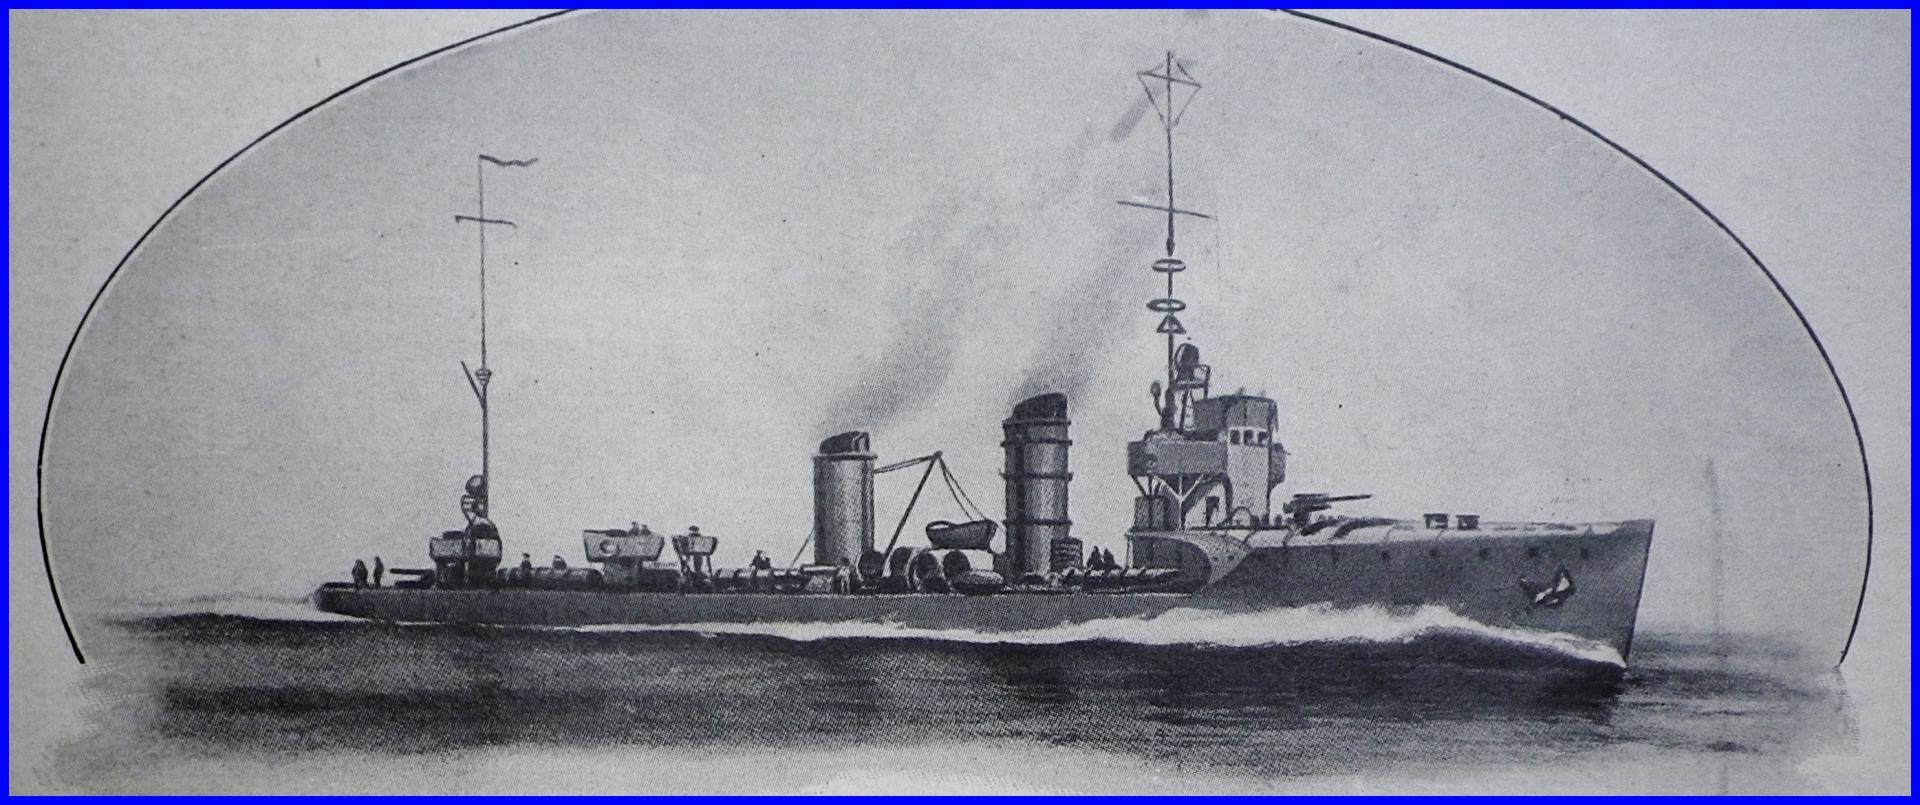 Calais 14 18 destroyer allemand g 85 qui bombarda calais nuit du 20 21 avril 1917 et qui fut coule par le destroyer anglais bloke encadre